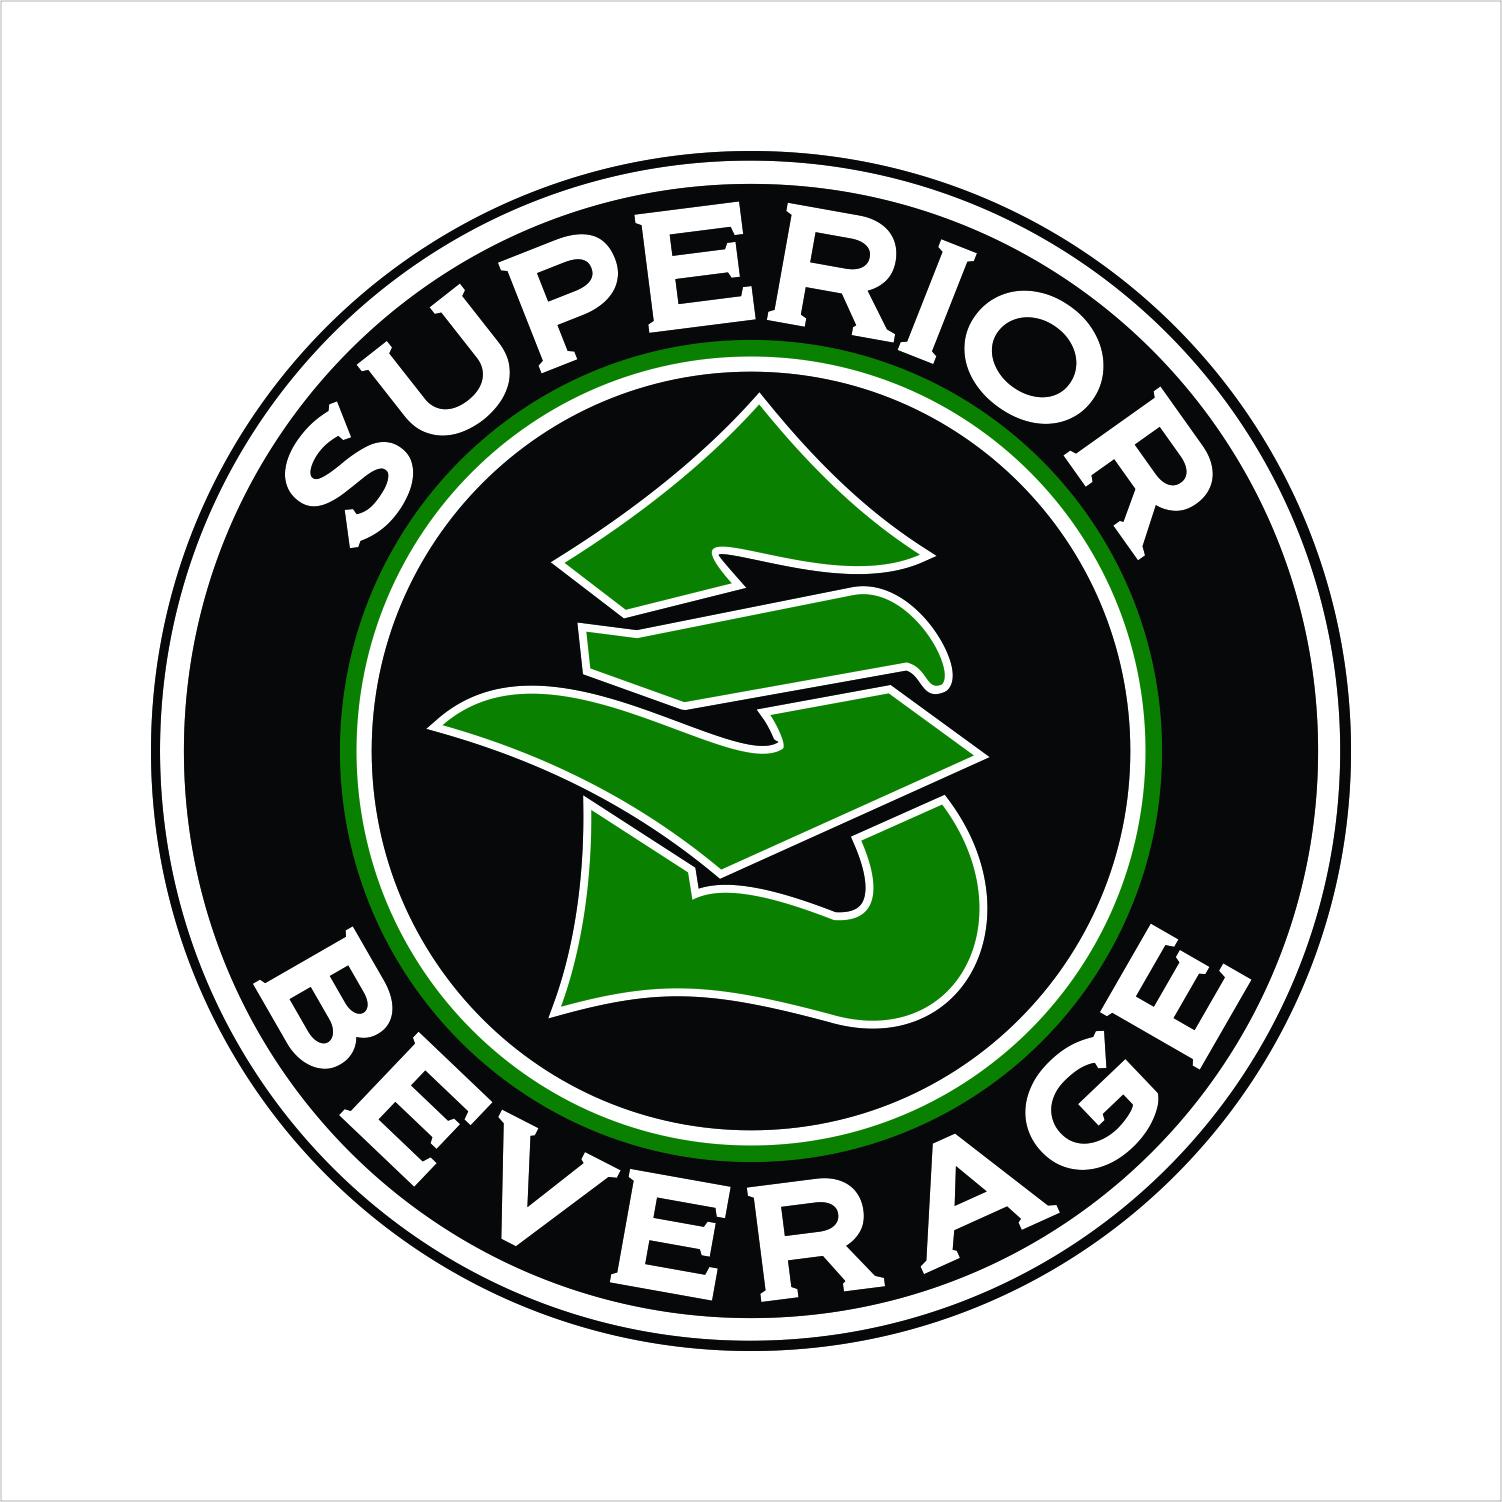 logo discover sycamore